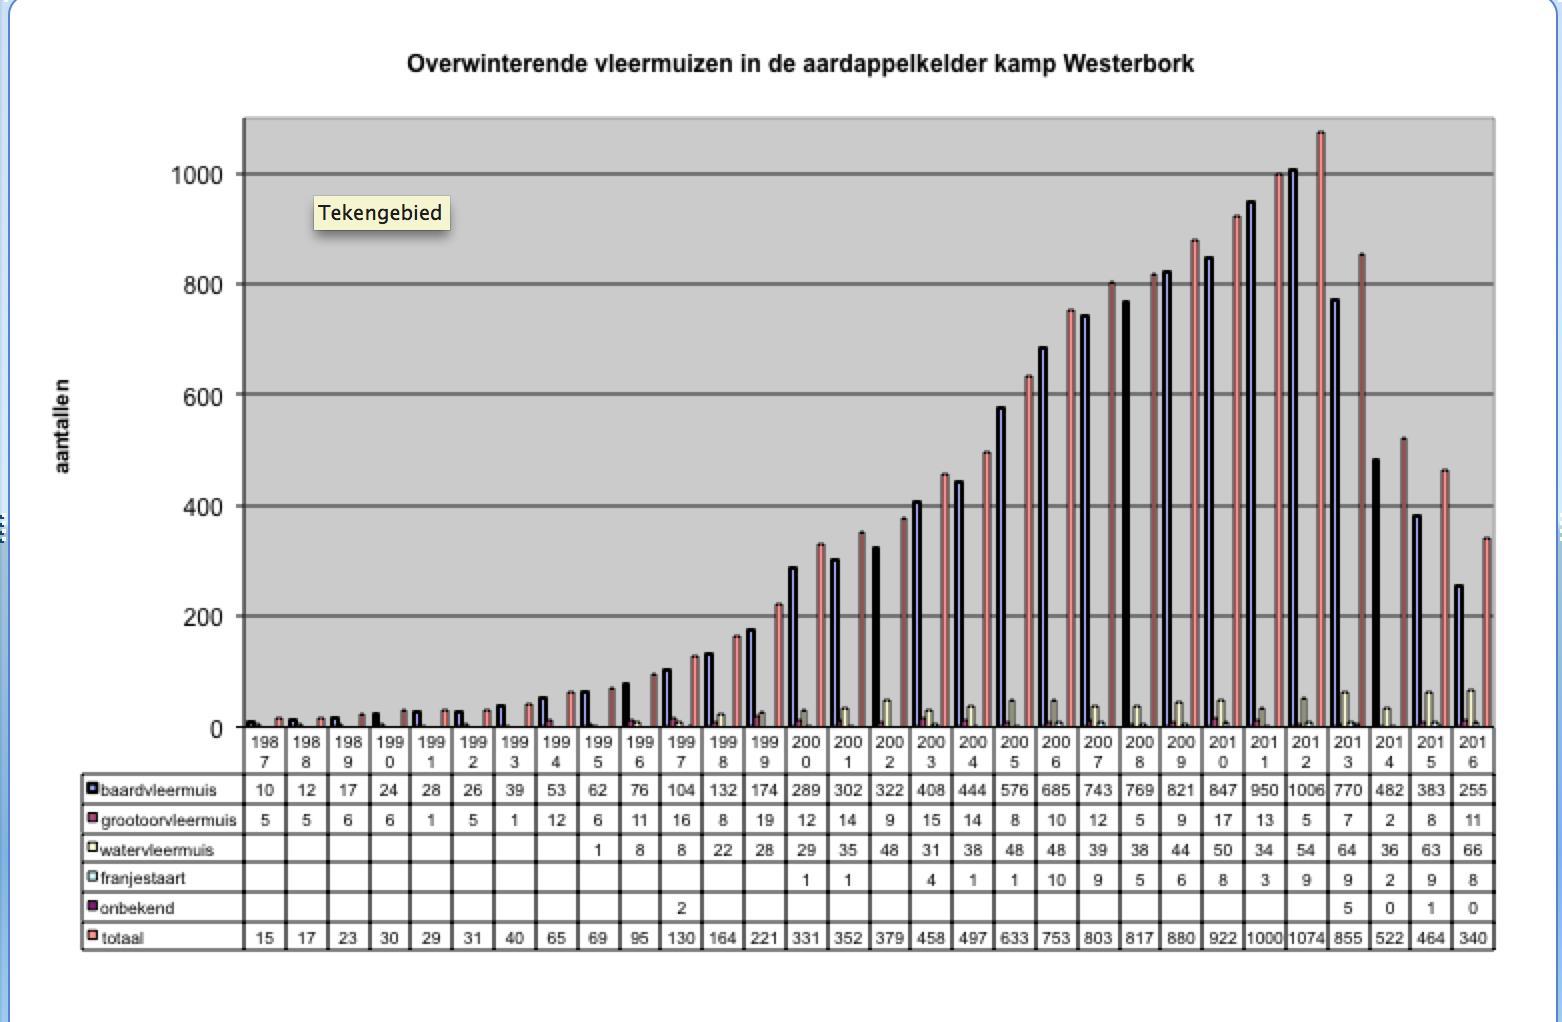 Aantal overwinterende vleermuizen in de aardappelkelder op Kamp Westerbork, boswachterij Hooghalen.